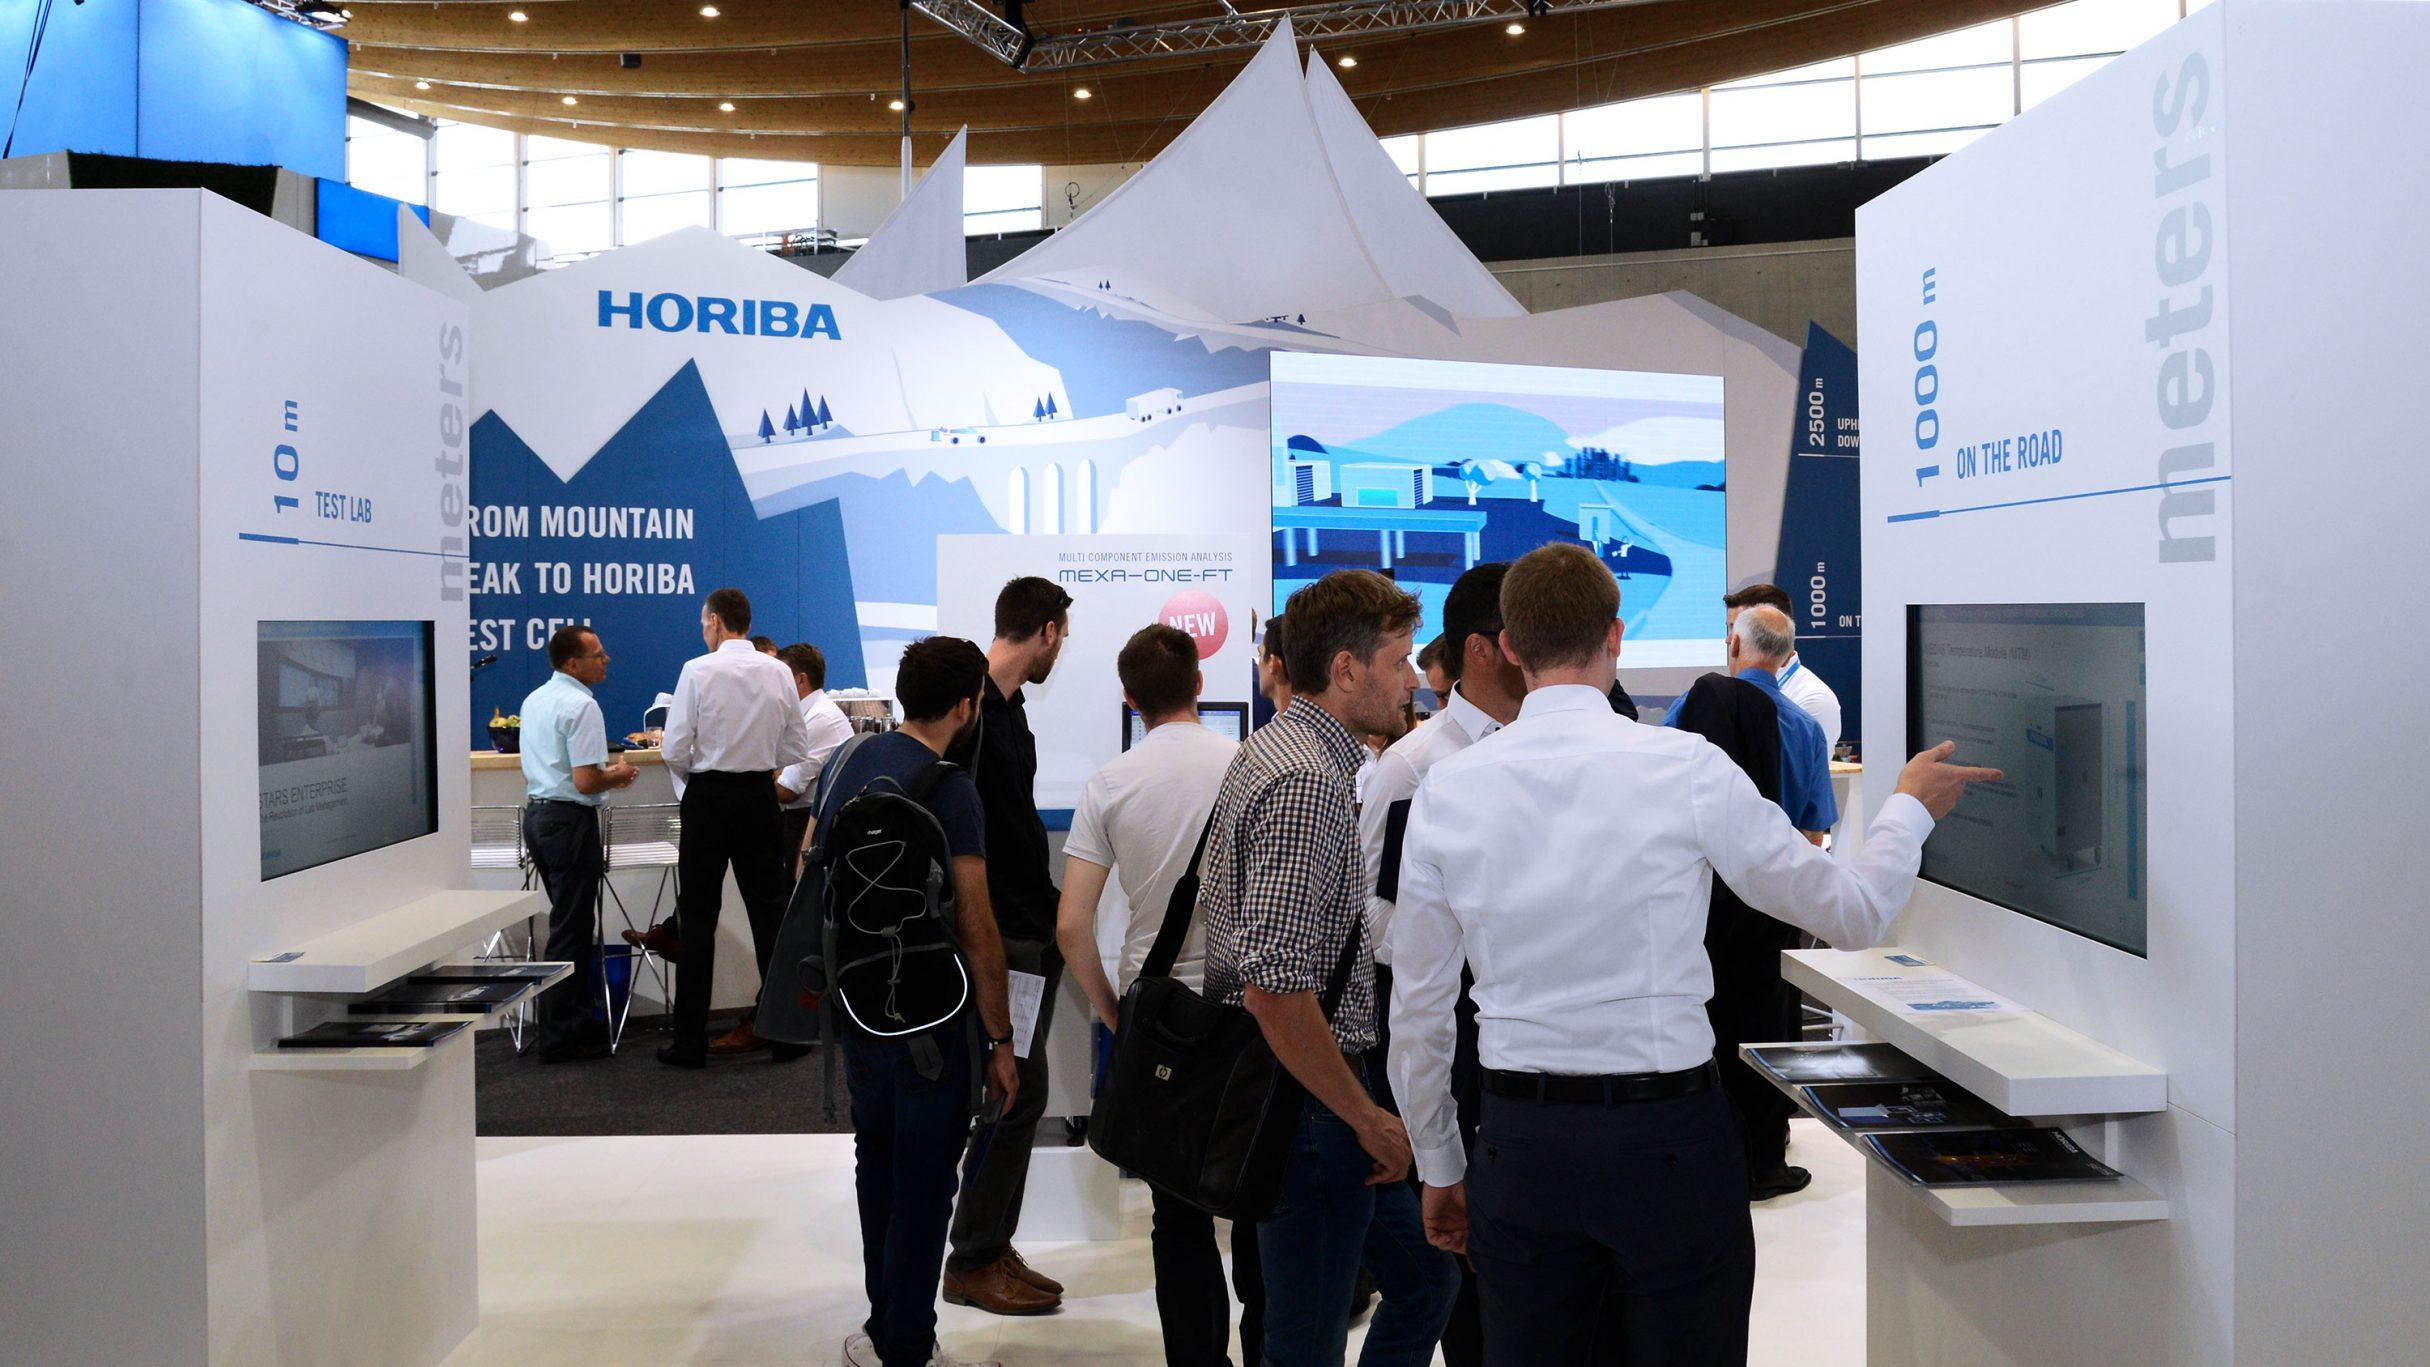 Foto vom HORIBA Messestand auf der Automotive Testing Expo 2018